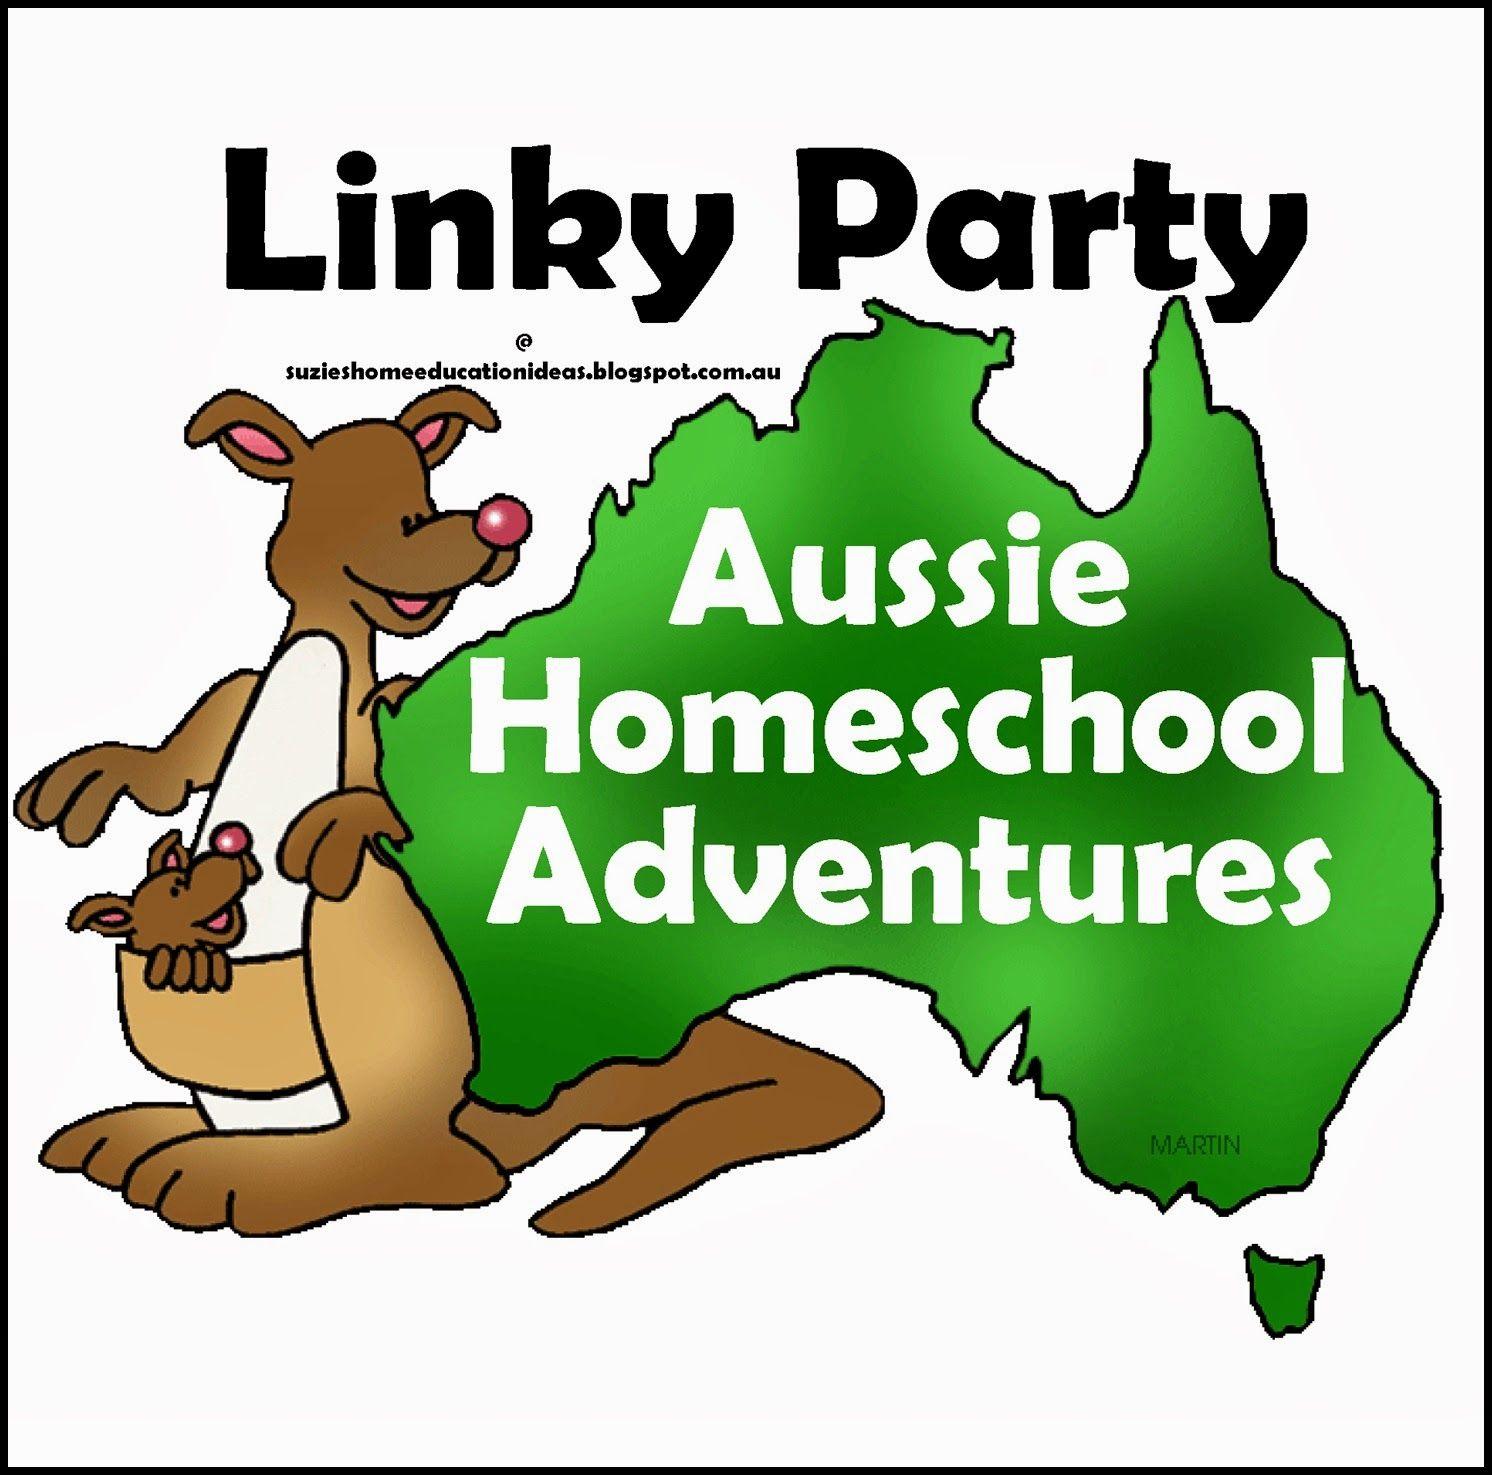 Aussie Homeschool Adventures Linky Party 2